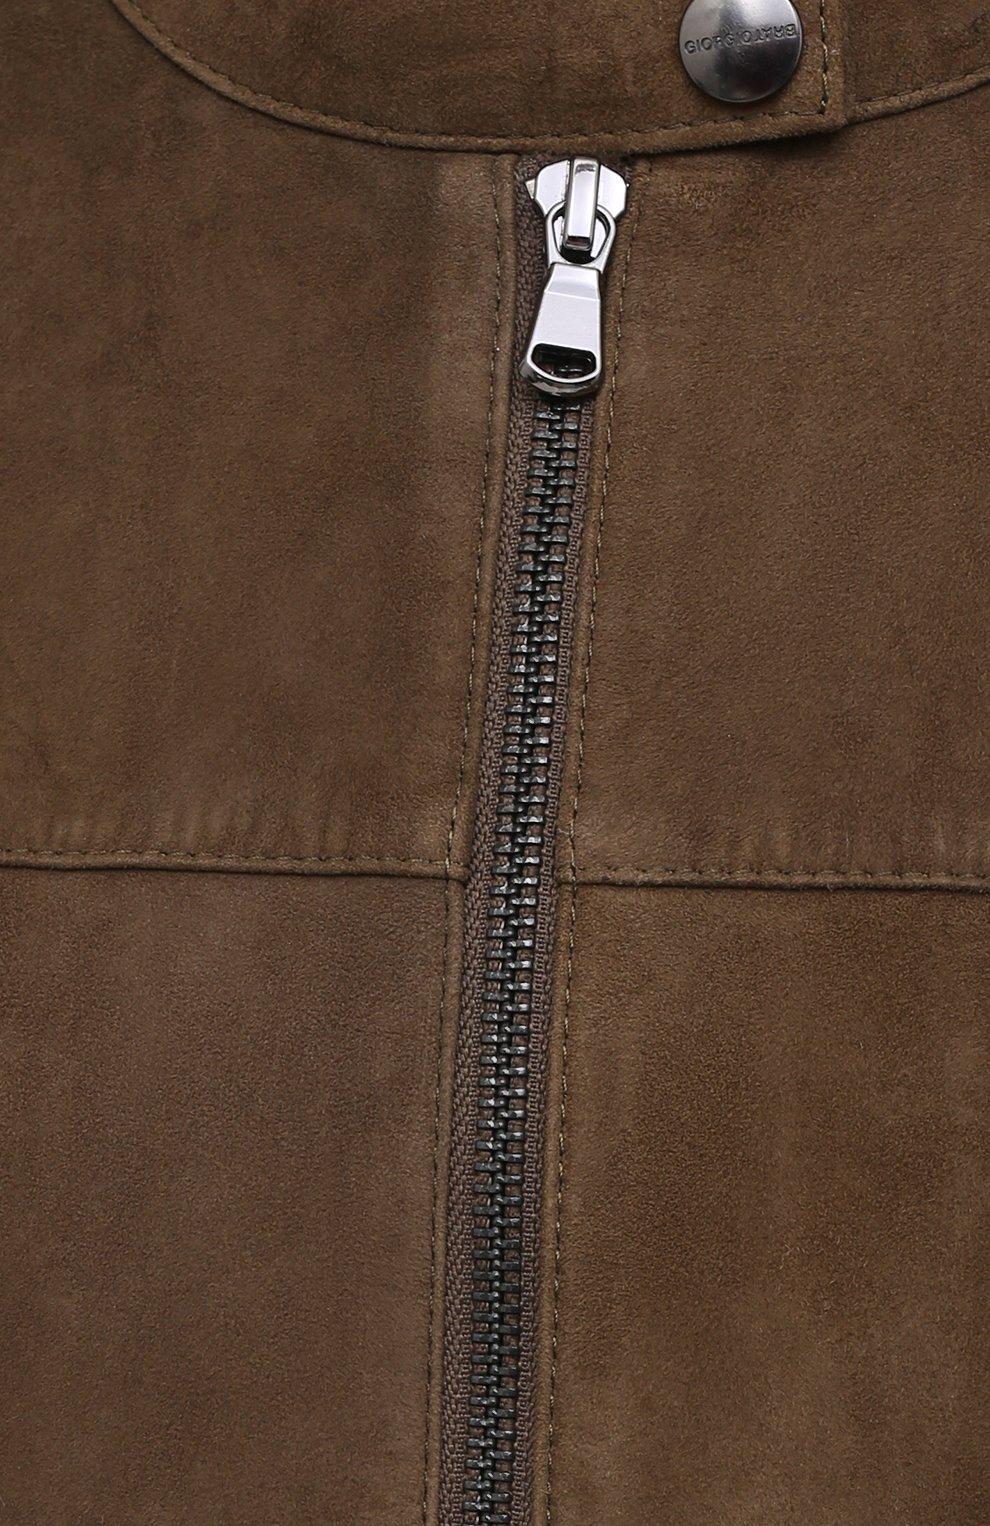 Мужская замшевая куртка GIORGIO BRATO коричневого цвета, арт. GU21S9451G0SU   Фото 5 (Кросс-КТ: Куртка; Материал внешний: Замша; Рукава: Длинные; Мужское Кросс-КТ: Кожа и замша; Длина (верхняя одежда): Короткие; Стили: Кэжуэл)